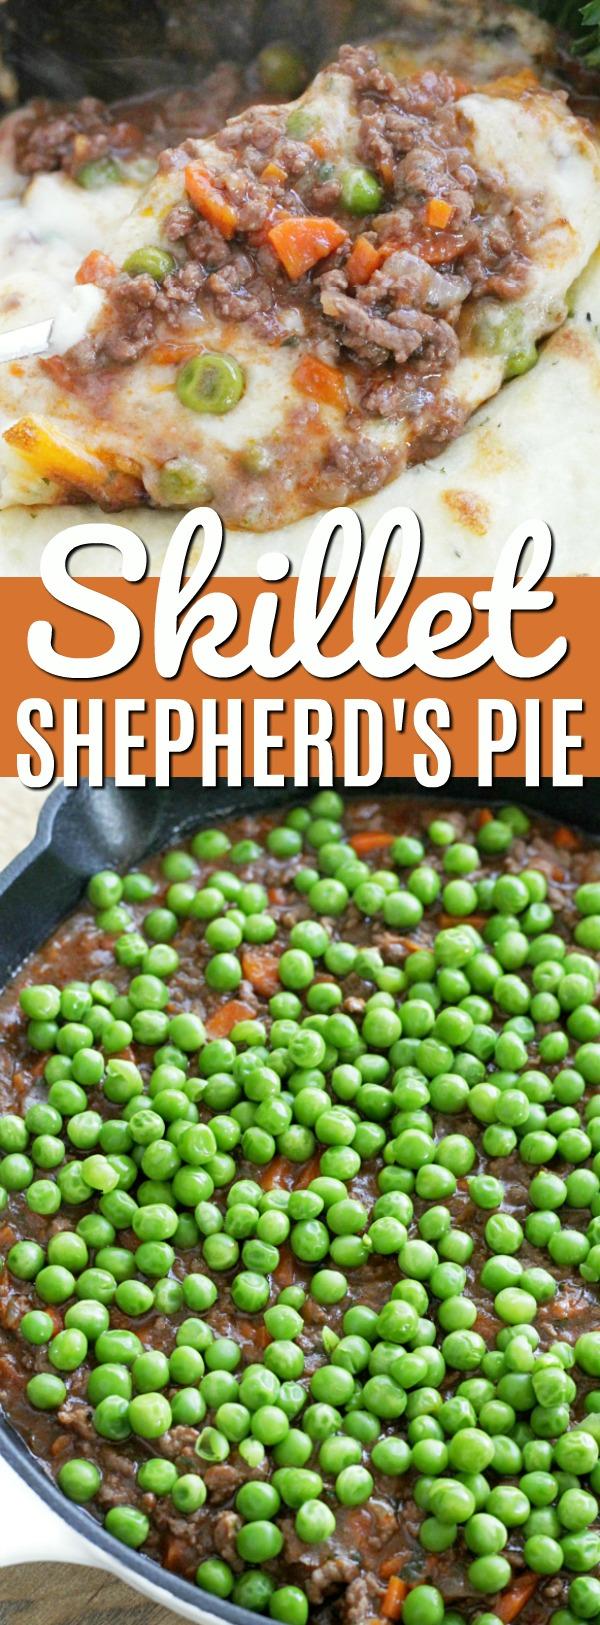 Skillet Shepherd's Pie | Foodtastic Mom